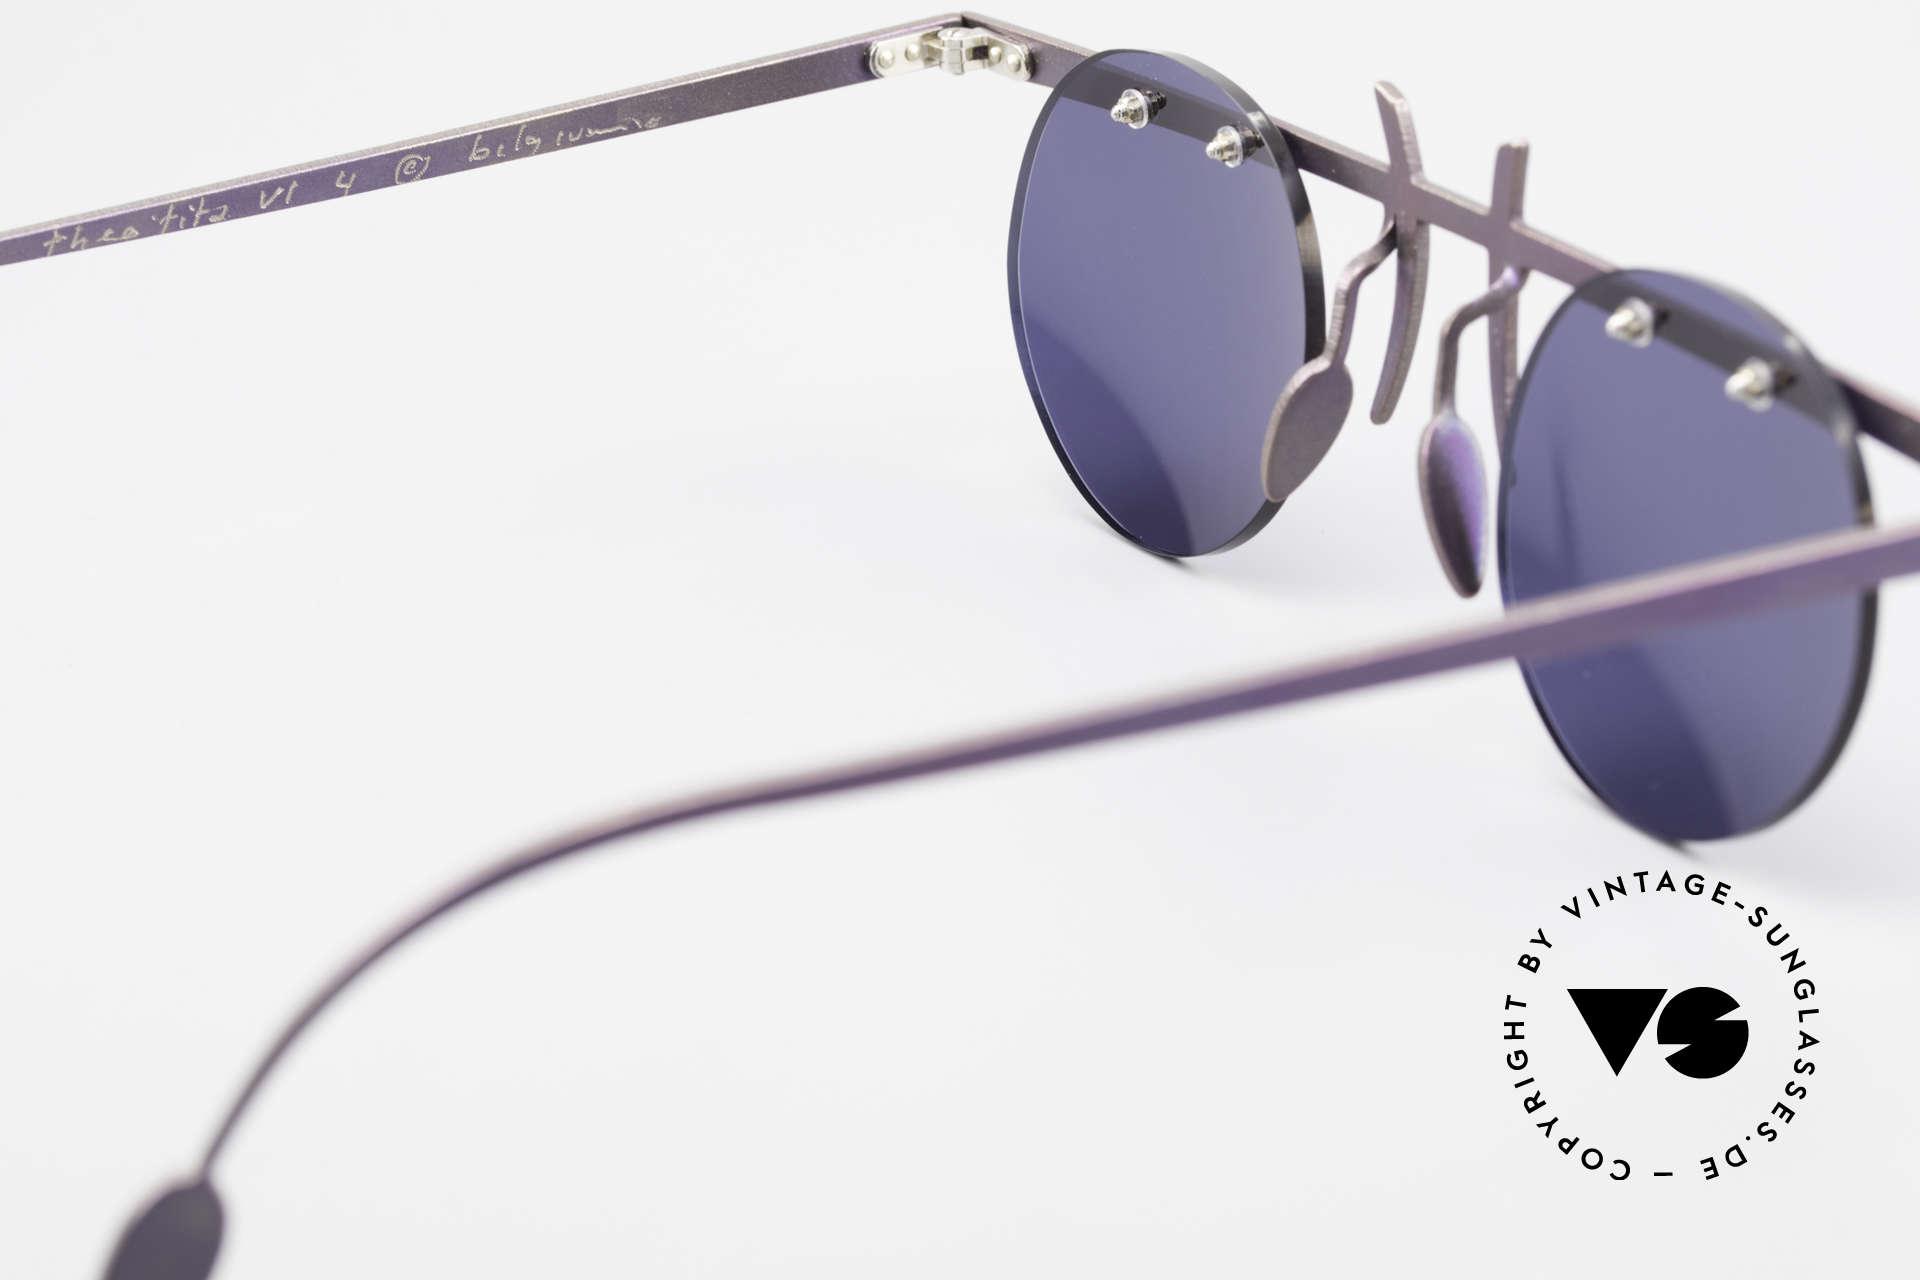 Theo Belgium Tita VI 4 Crazy Sonnenbrille 90er Titan, runde, dunkelblaue Sonnengläser (für 100% UV Schutz), Passend für Herren und Damen